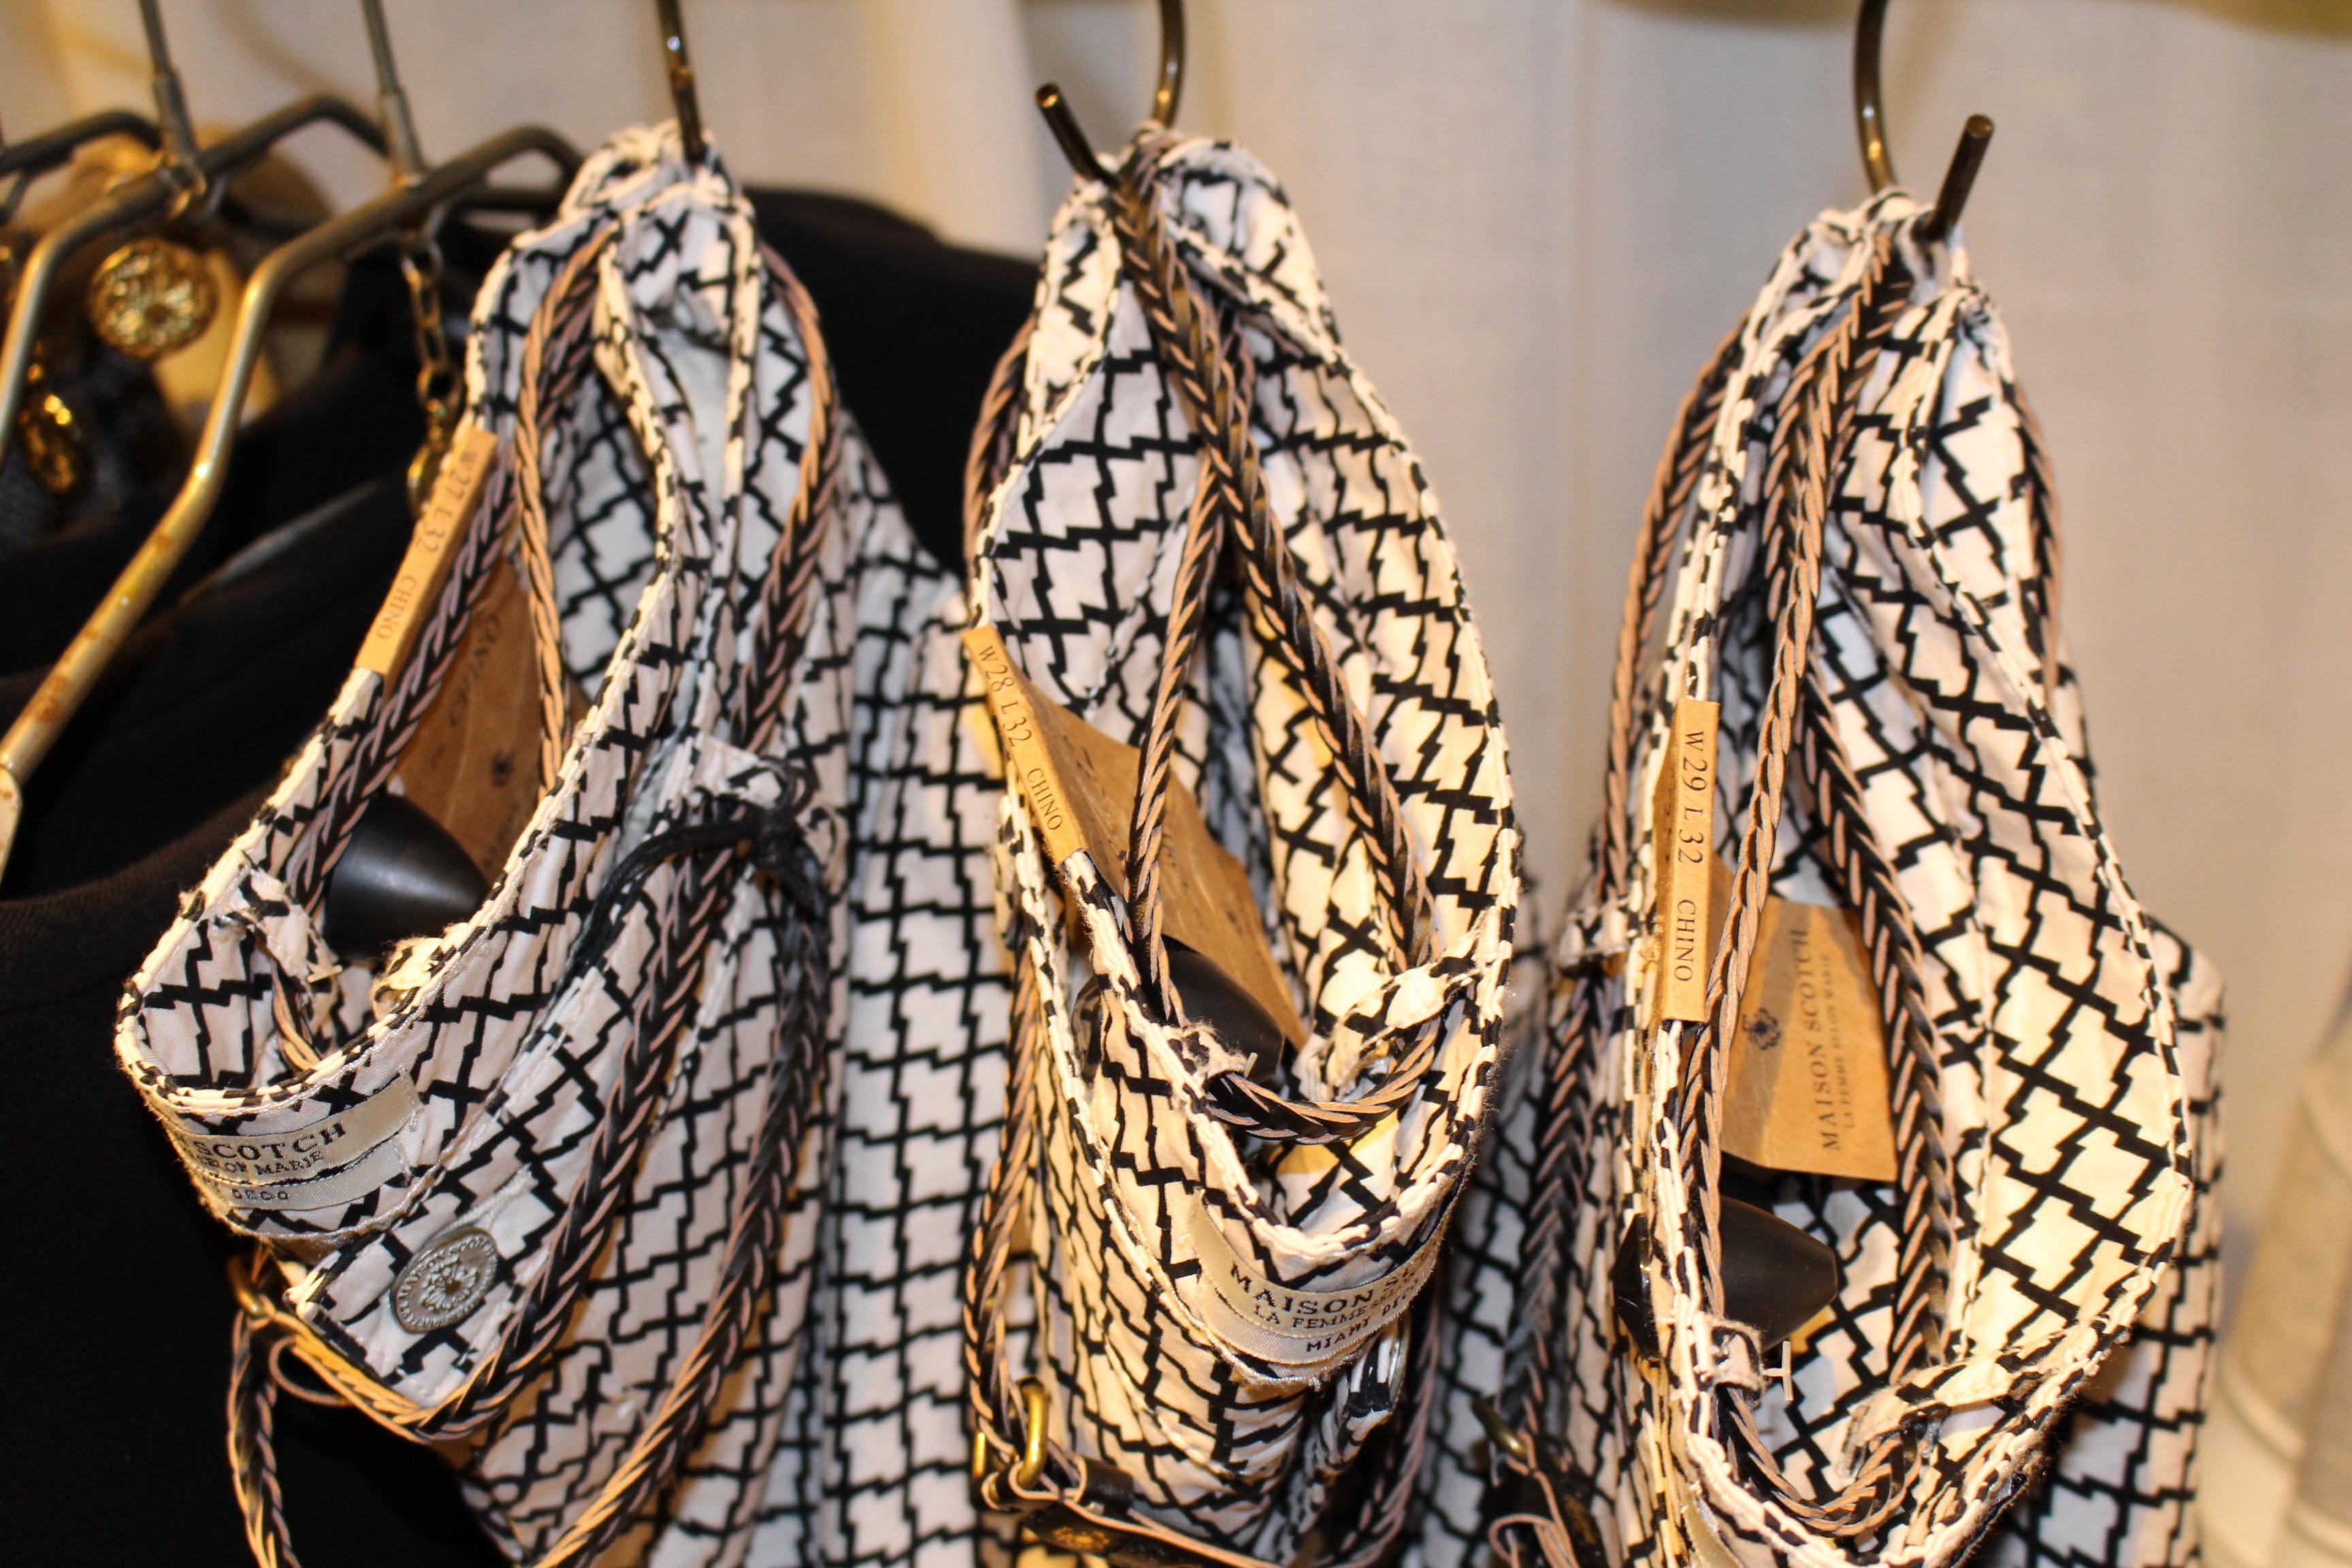 Fashioncircuz by Jenny img_4413 SCOTCH & SODA STORE OPENING IN DÜSSELDORF